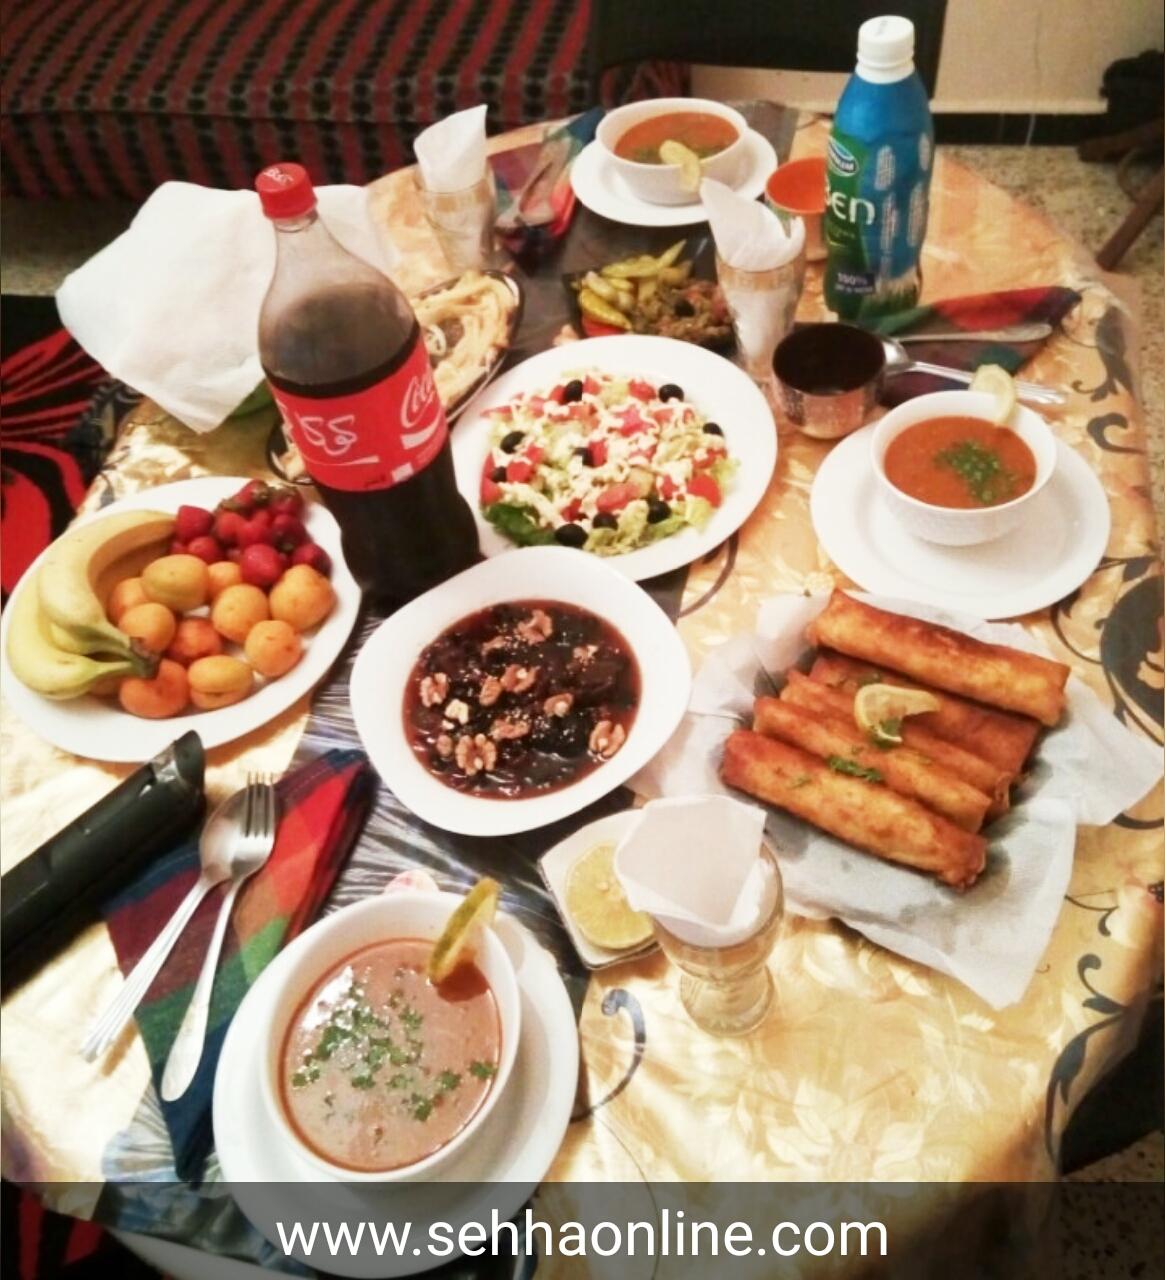 أفضل فطور صحي لمرضى السكري في رمضان ما هو افضل فطور صحي في رمضان